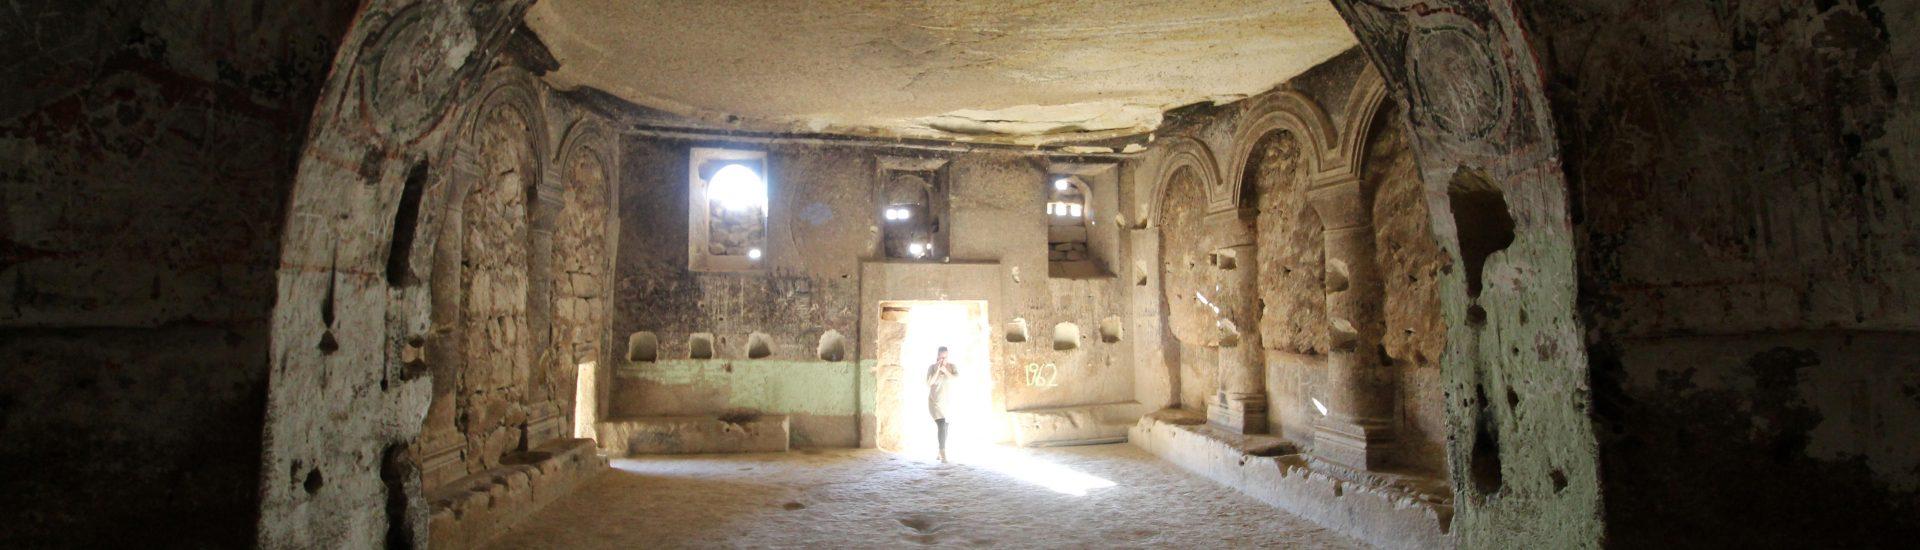 Lugares históricos Turquía